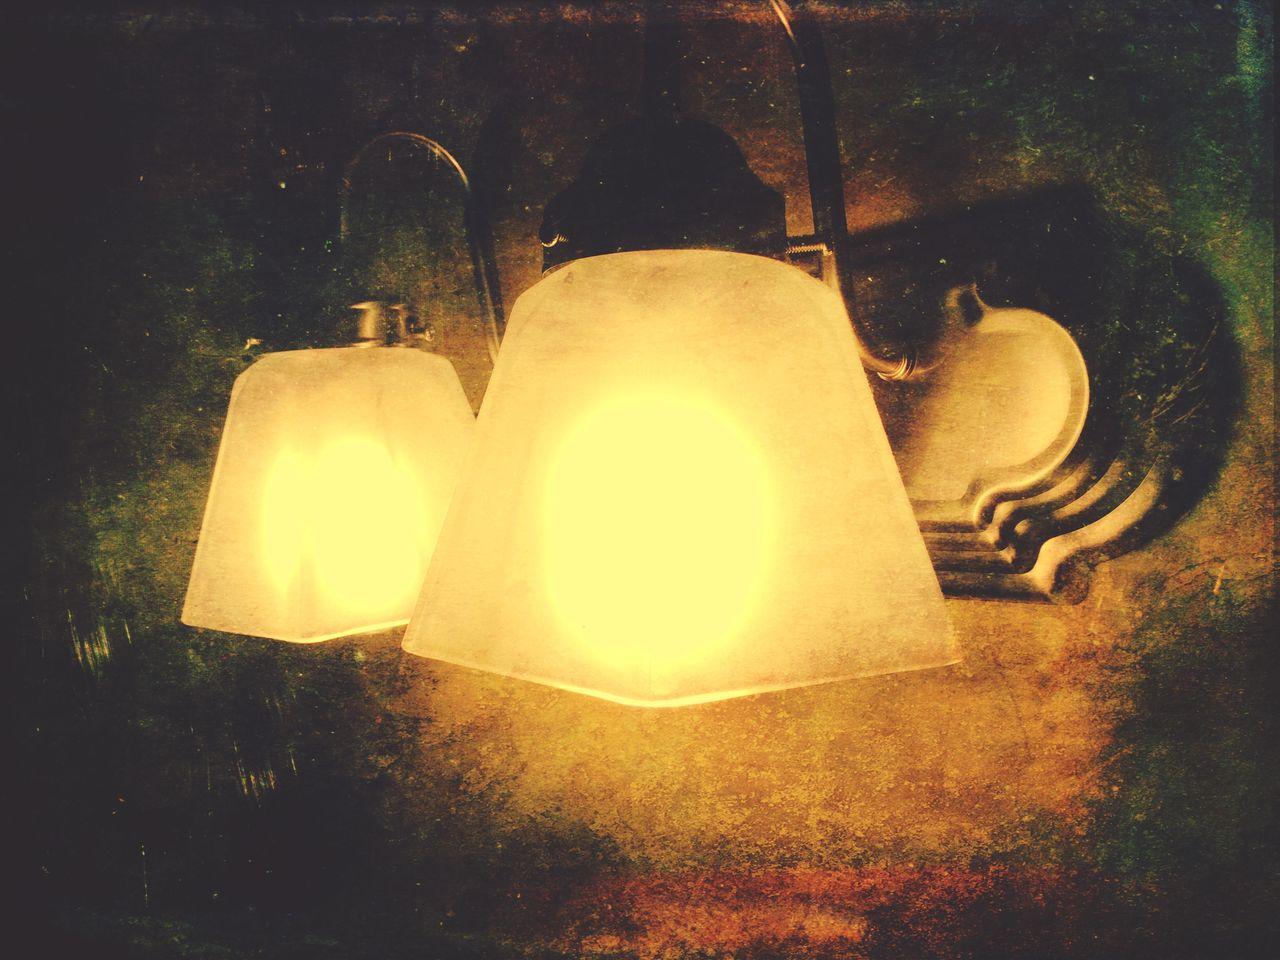 illuminated, lighting equipment, night, no people, outdoors, tree, close-up